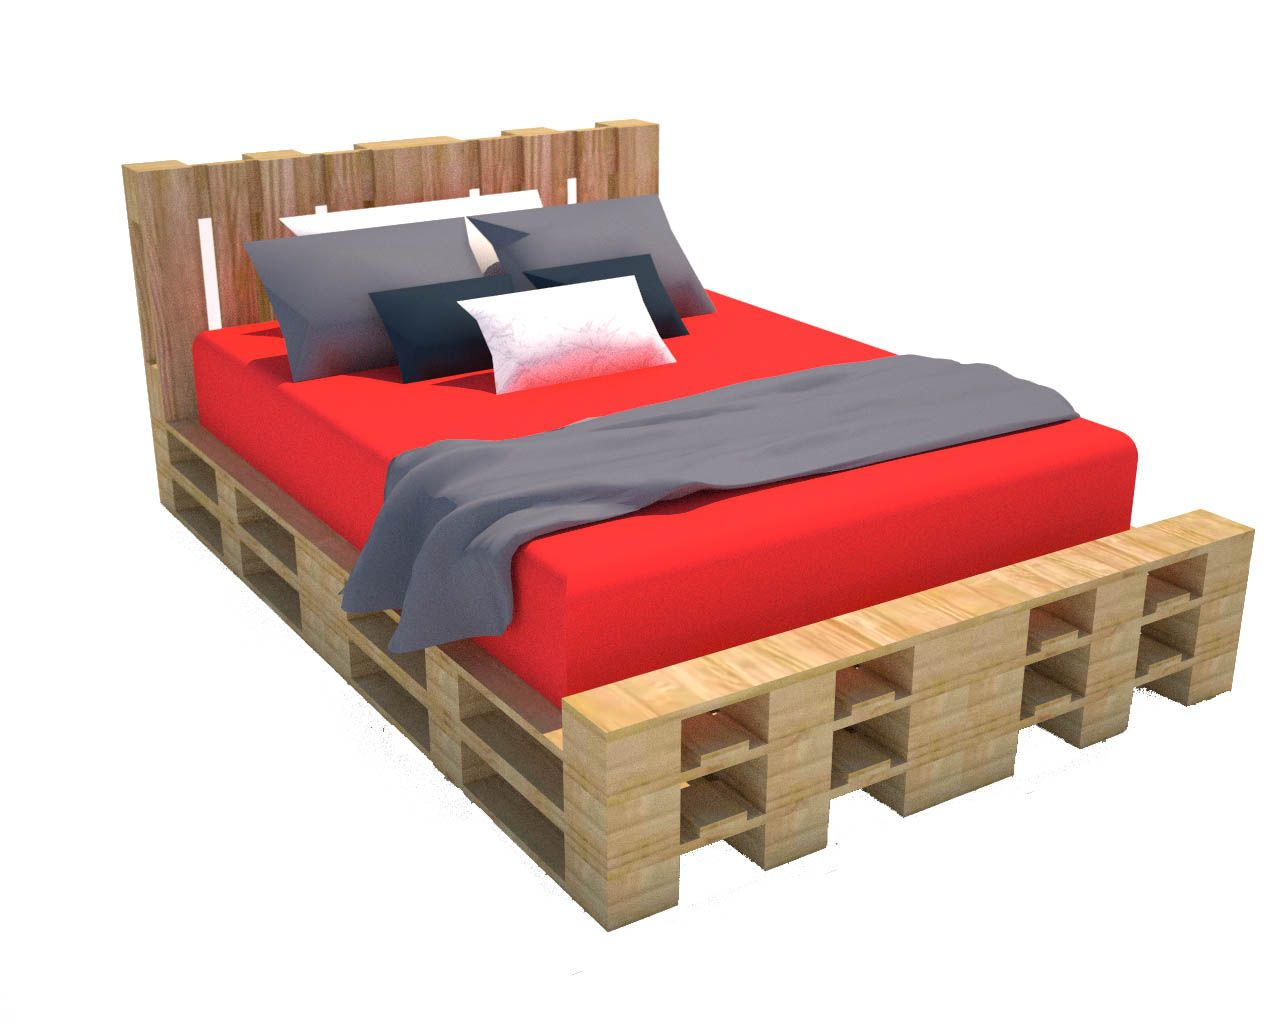 Come costruire un letto con pallet riciclati. Progetto totalmente fai da te! Ecco il video ...